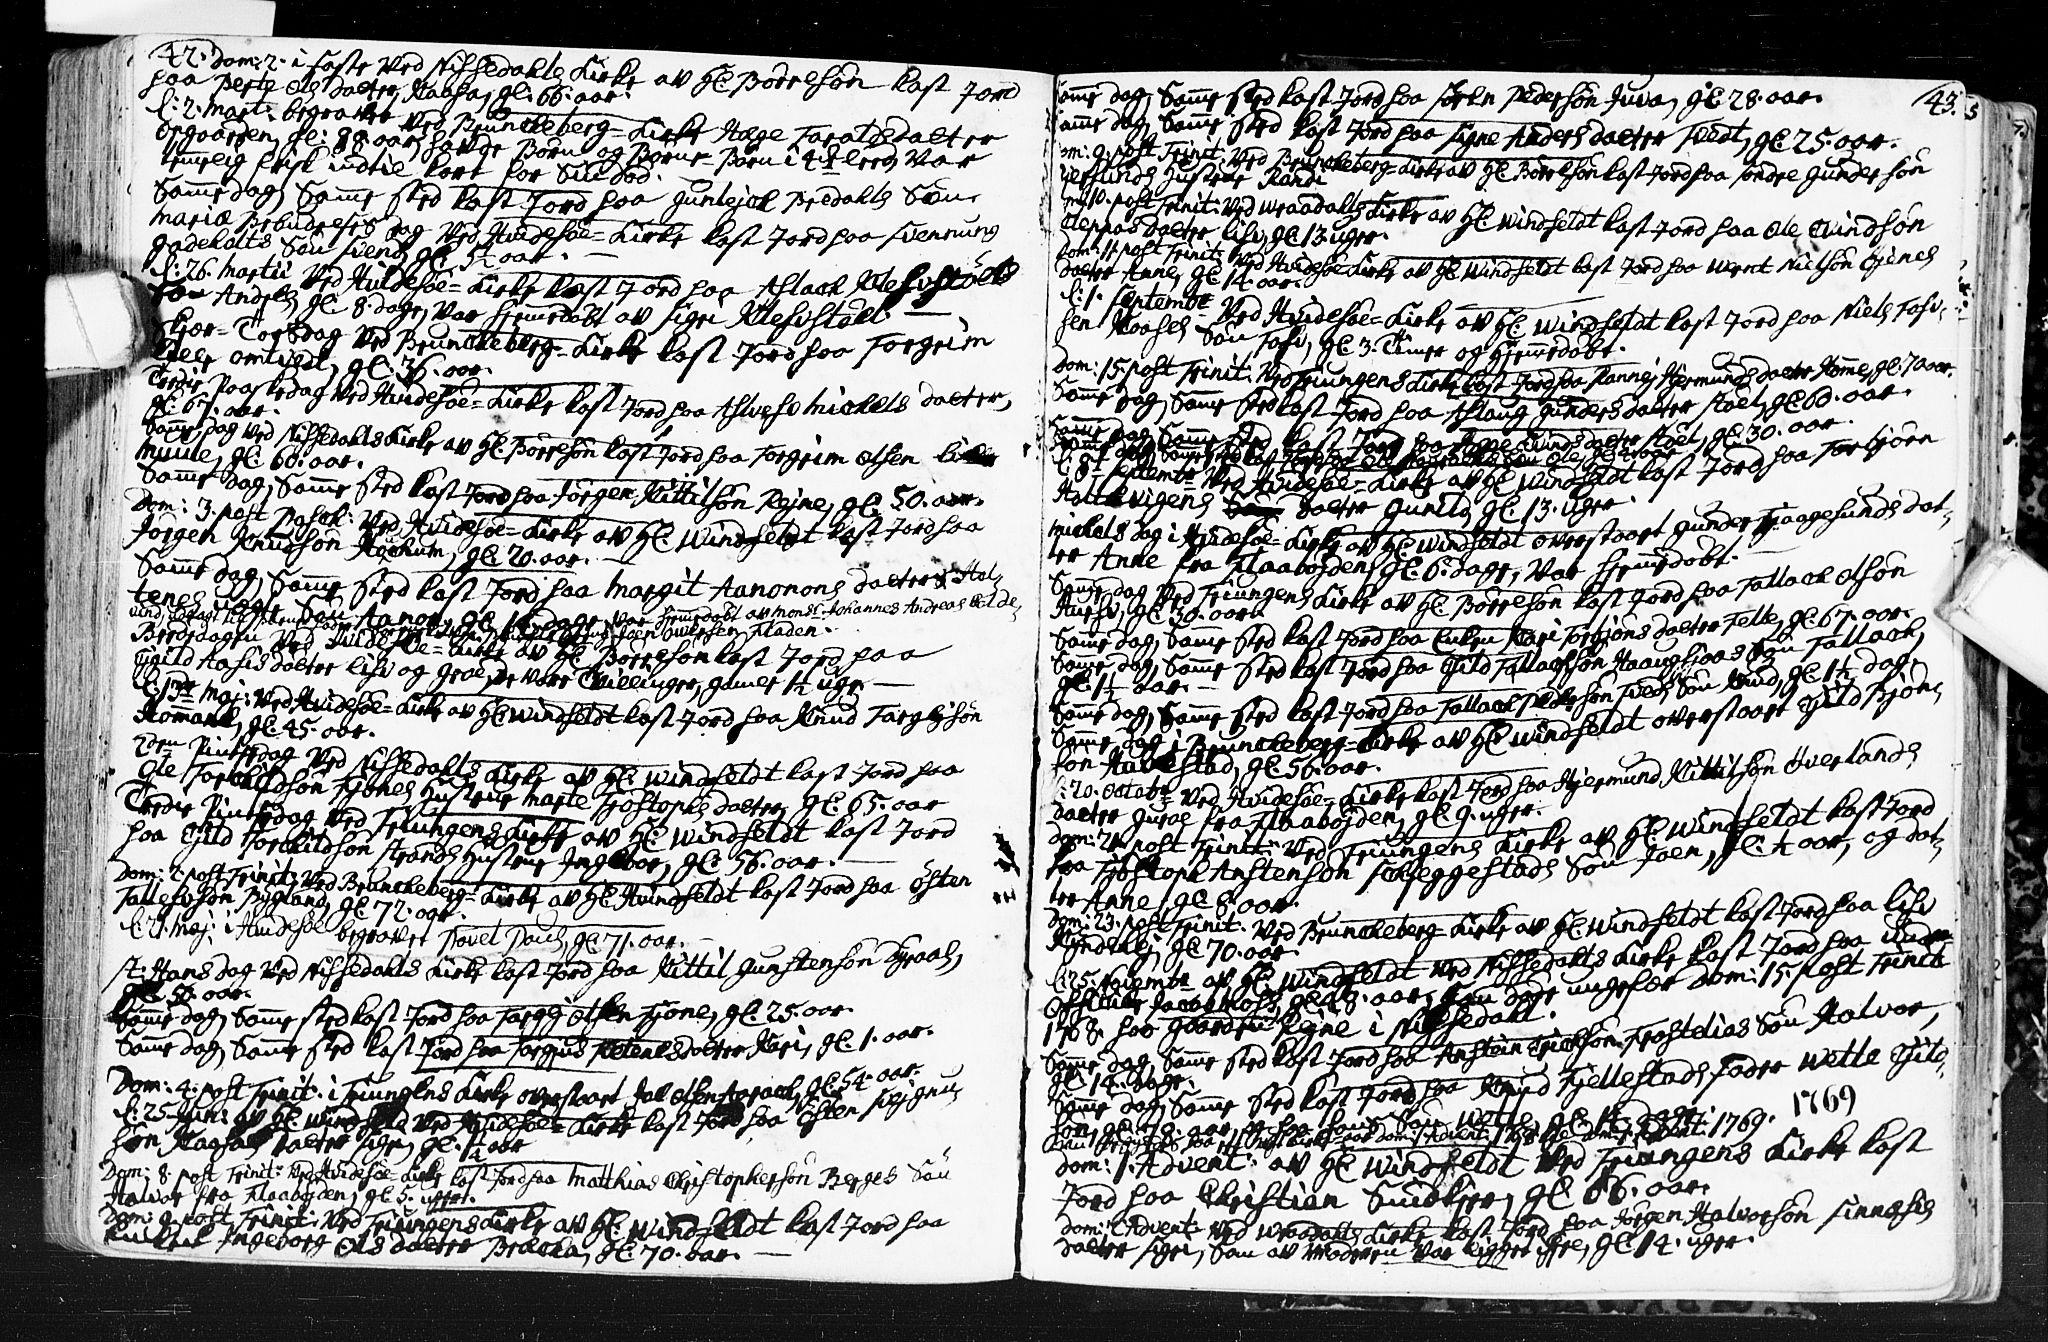 SAKO, Kviteseid kirkebøker, F/Fa/L0001: Ministerialbok nr. I 1, 1754-1773, s. 42-43